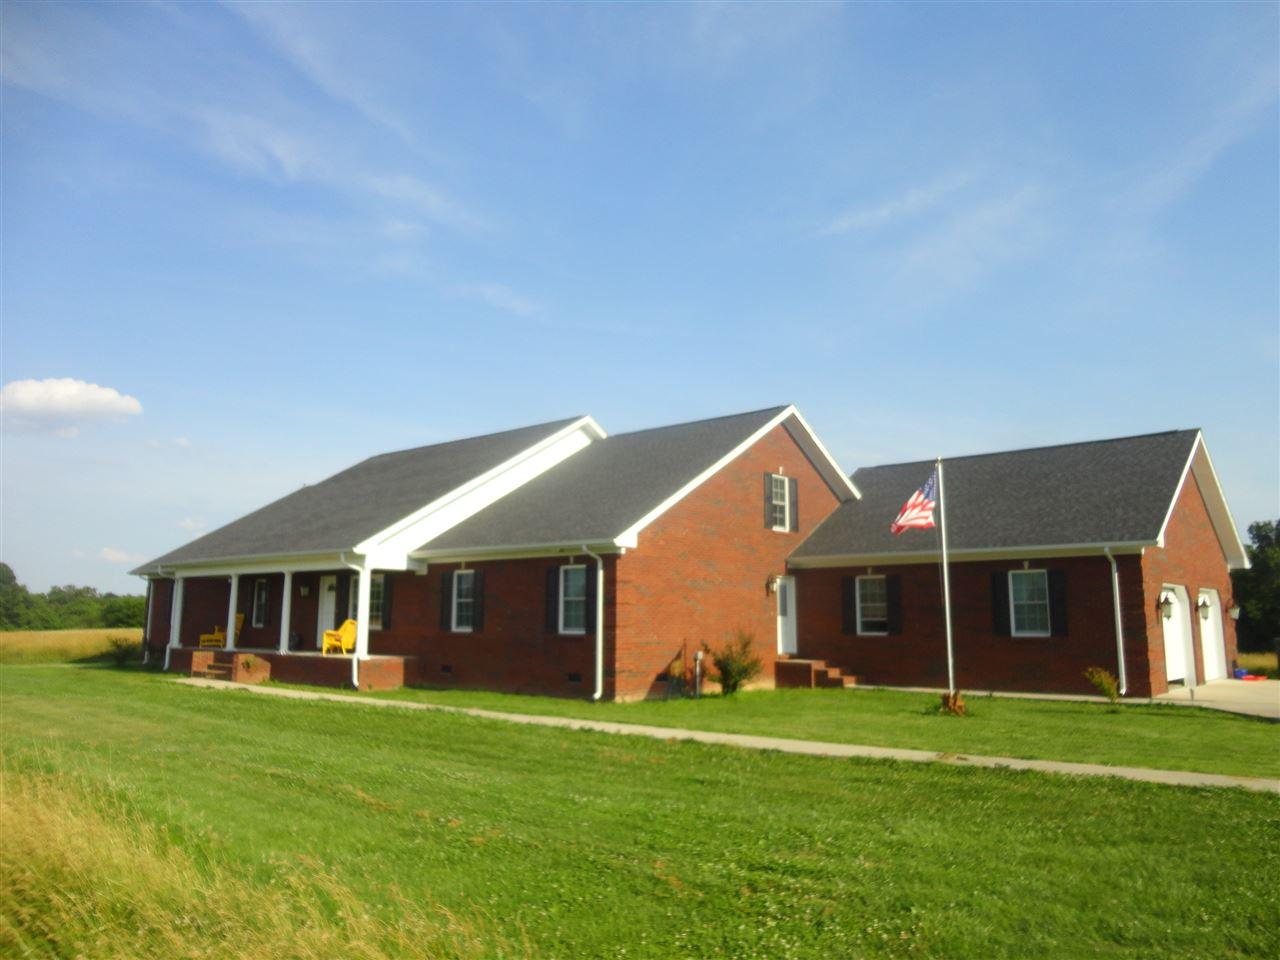 Real Estate for Sale, ListingId: 34589775, Melber,KY42069